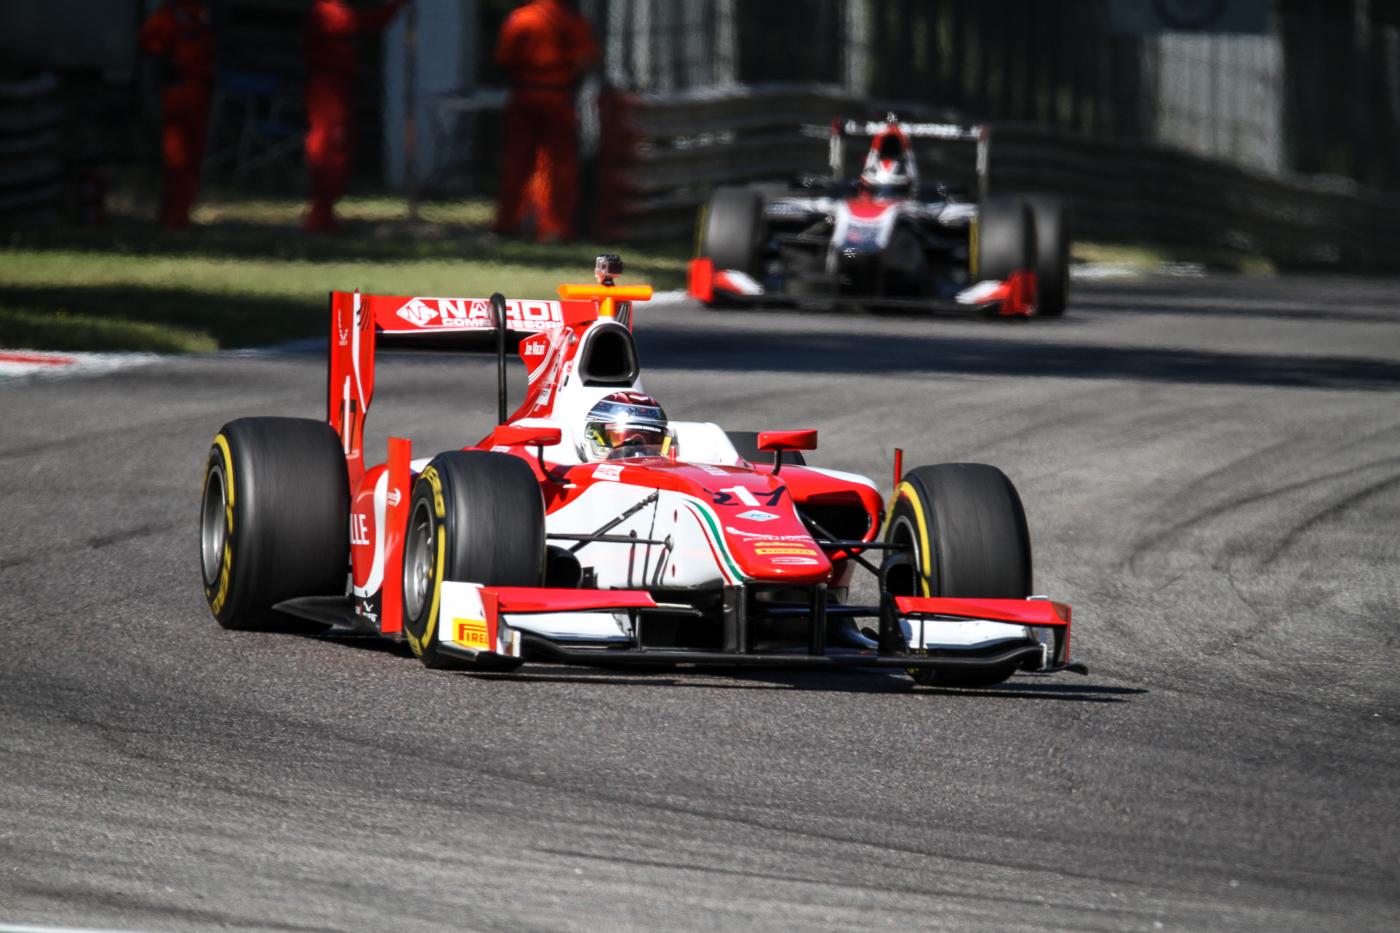 Marco Ghiotto, winner in Monza 2018